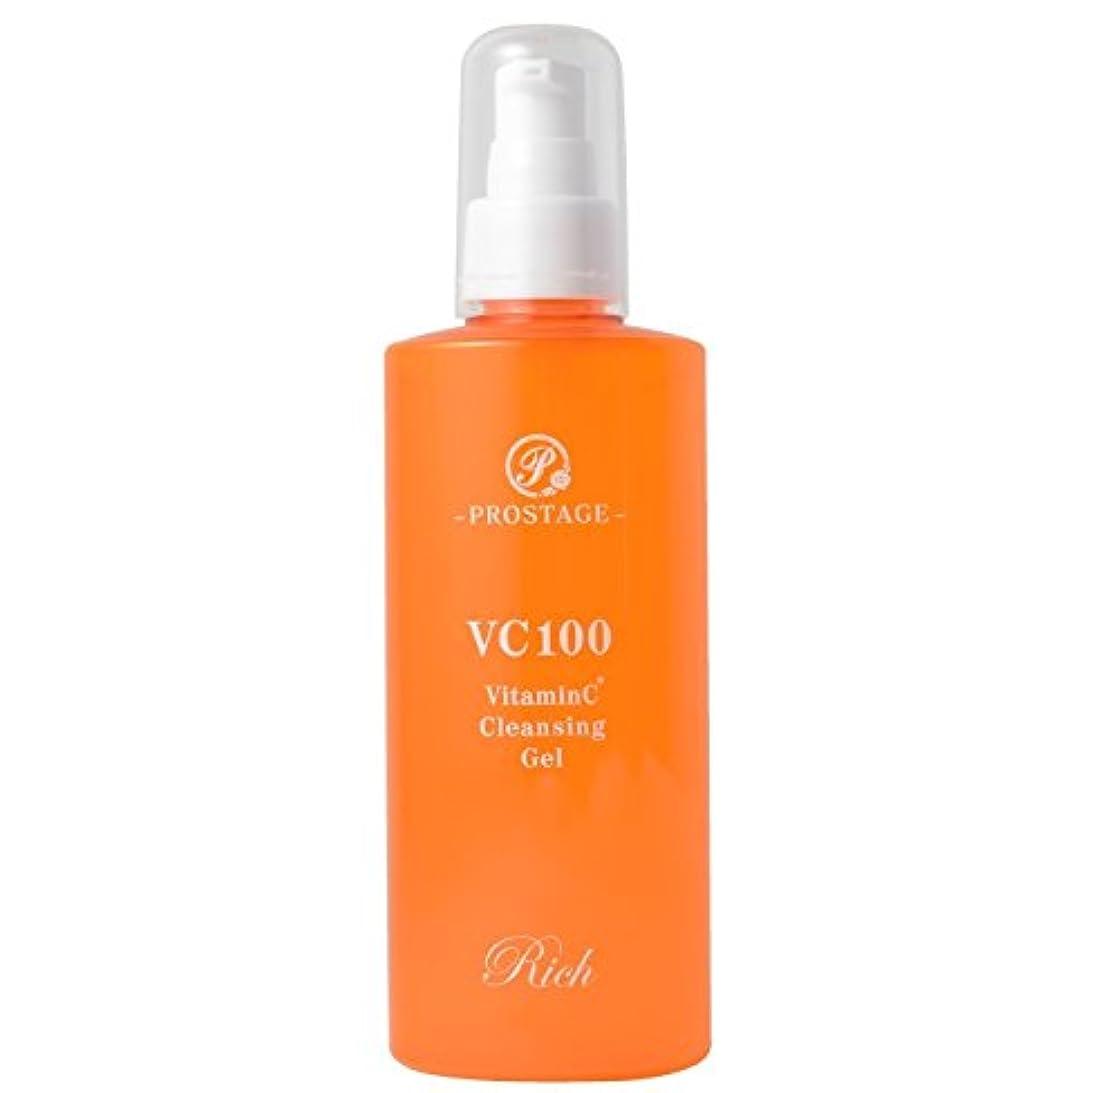 大容量 クレンジング 【超お買い得】200ml プロステージ VC100 VitaminC Cleansing Gel Rich ビタミンC クレンジングゲル 100倍浸透型ビタミンC 誘導体配合クレンジングジェル 200ml